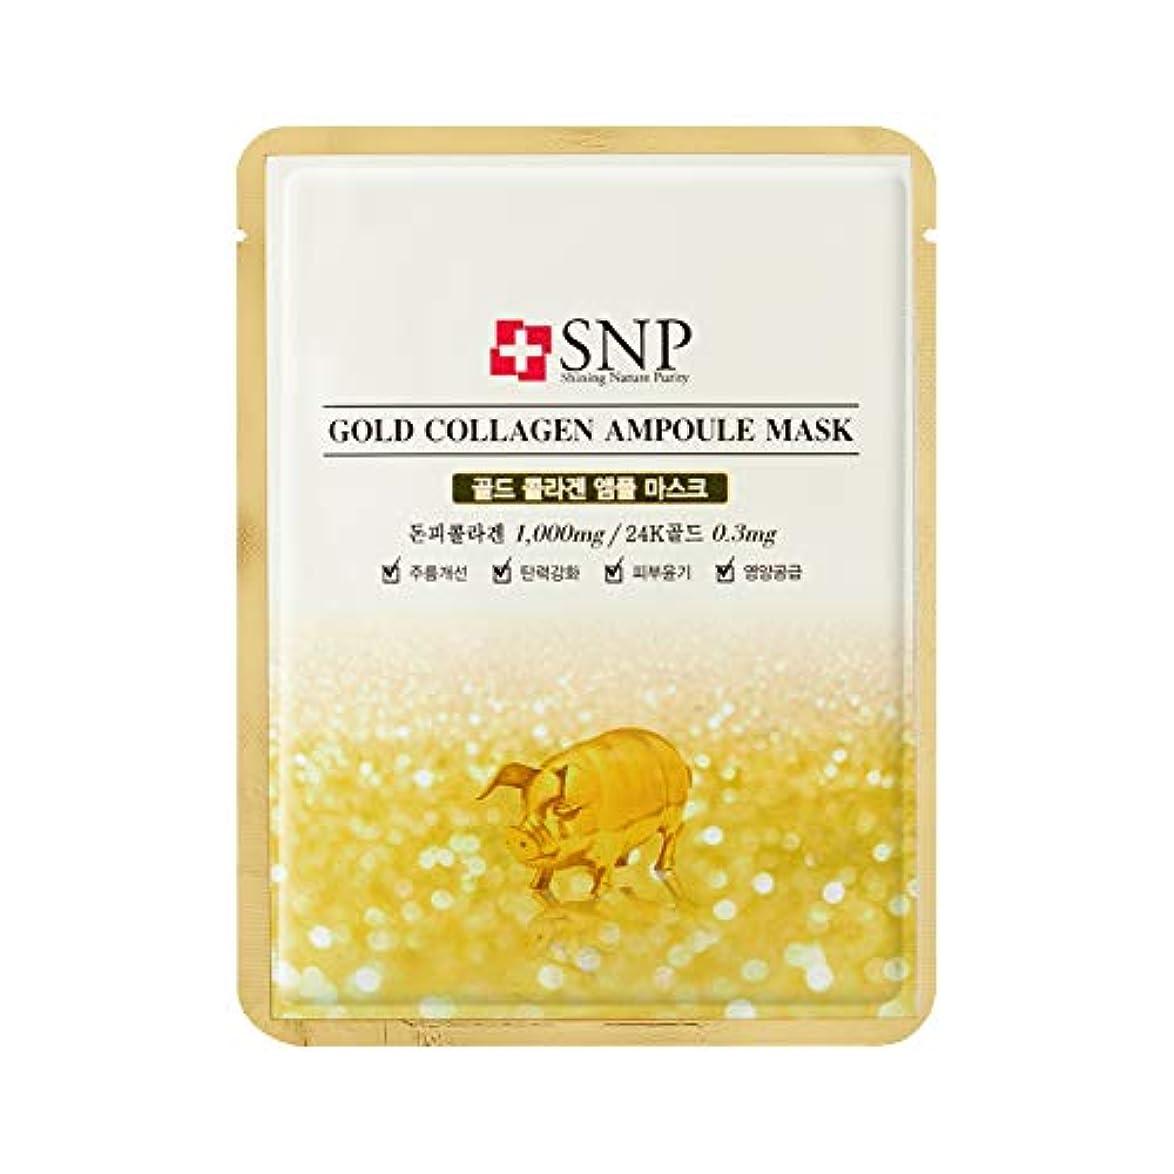 壁拍手ネズミ【SNP公式】ゴールドコラーゲンアンプルマスク10枚セット/Gold Collagen Ampoul Mask 25ml 韓国コスメ 韓国パック フェイスマスク マスクパック 保湿